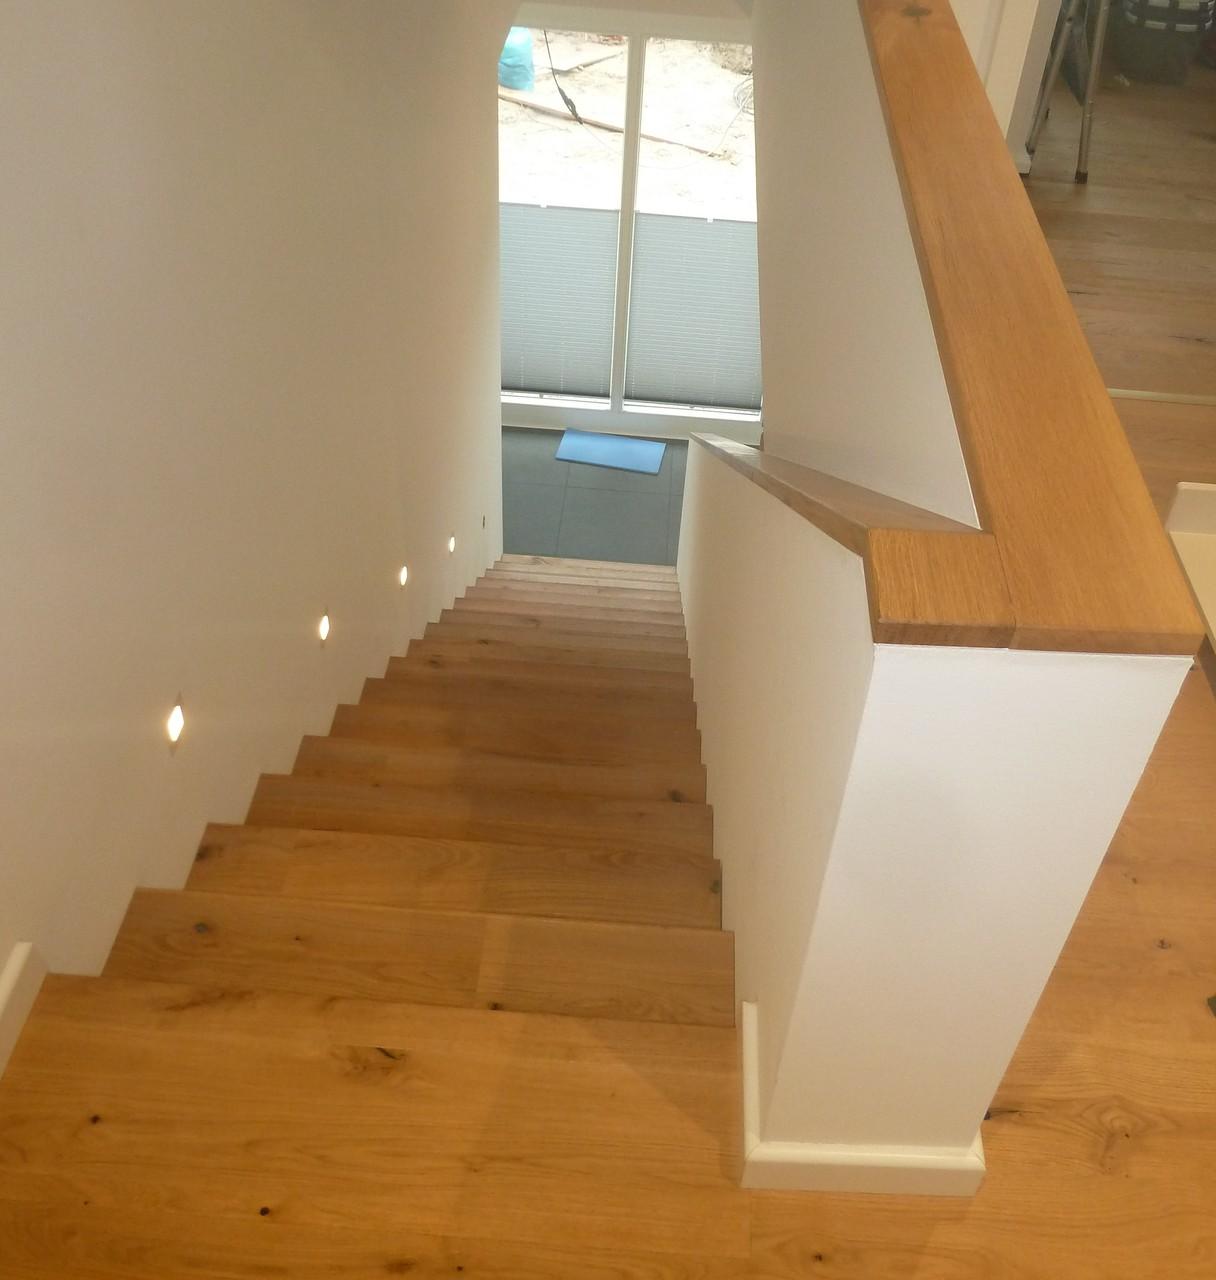 Treppenstufen und Handläufe aus Eichenholz